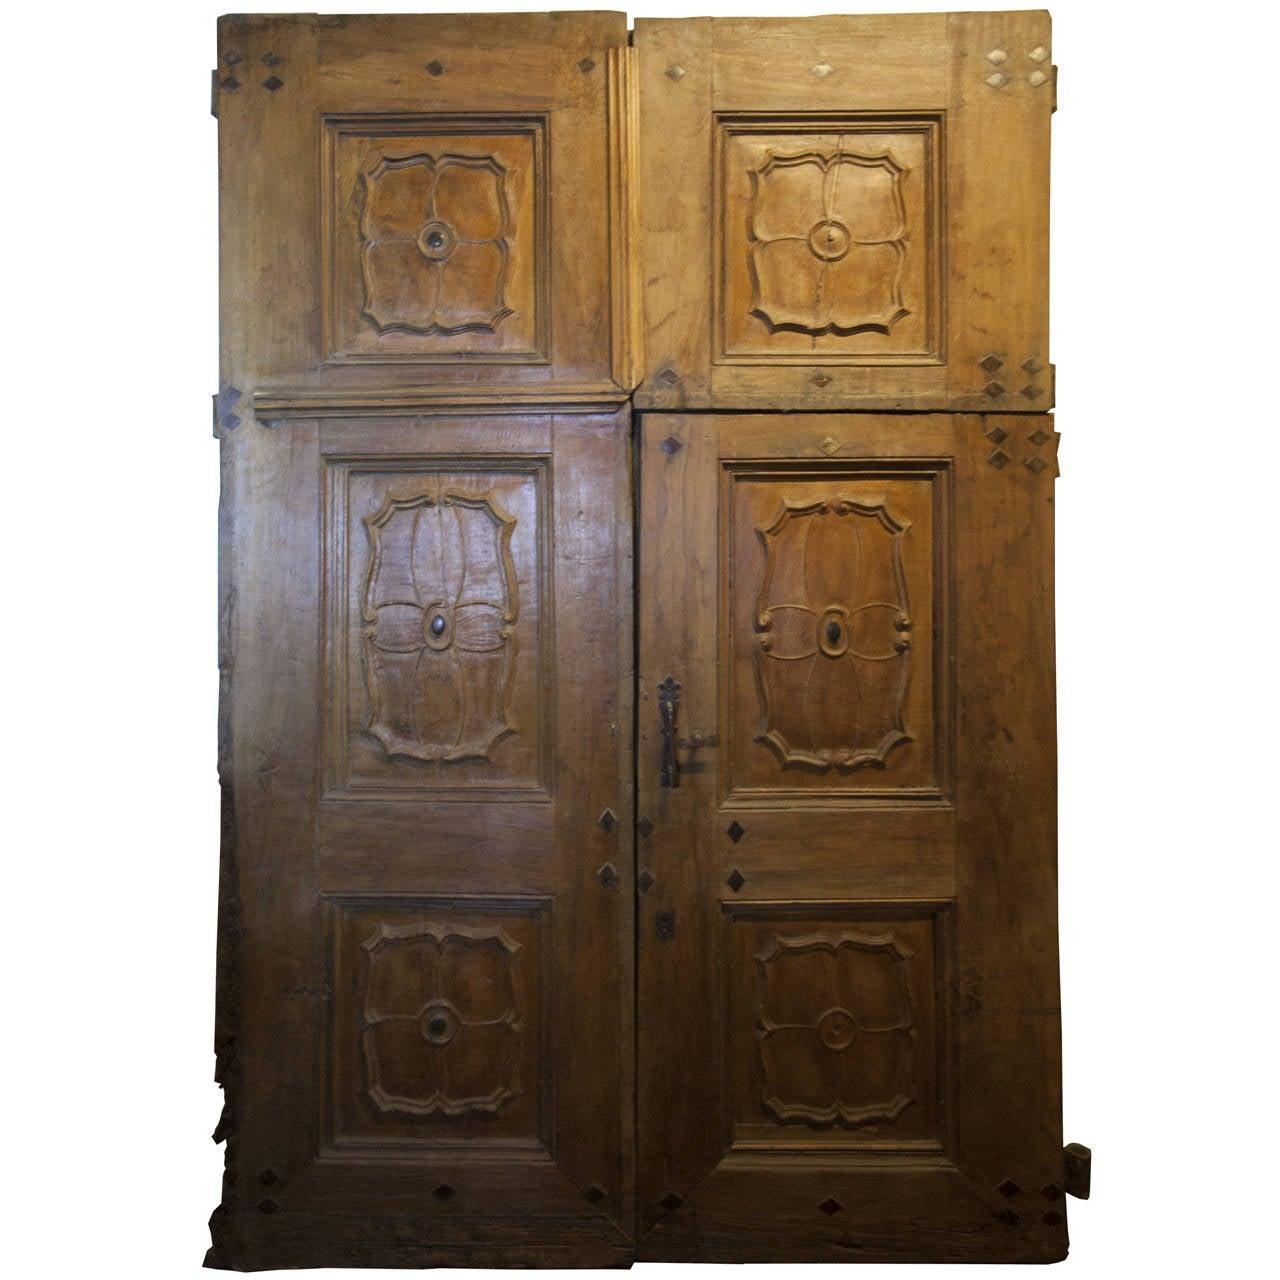 Antique Door Made of Walnut